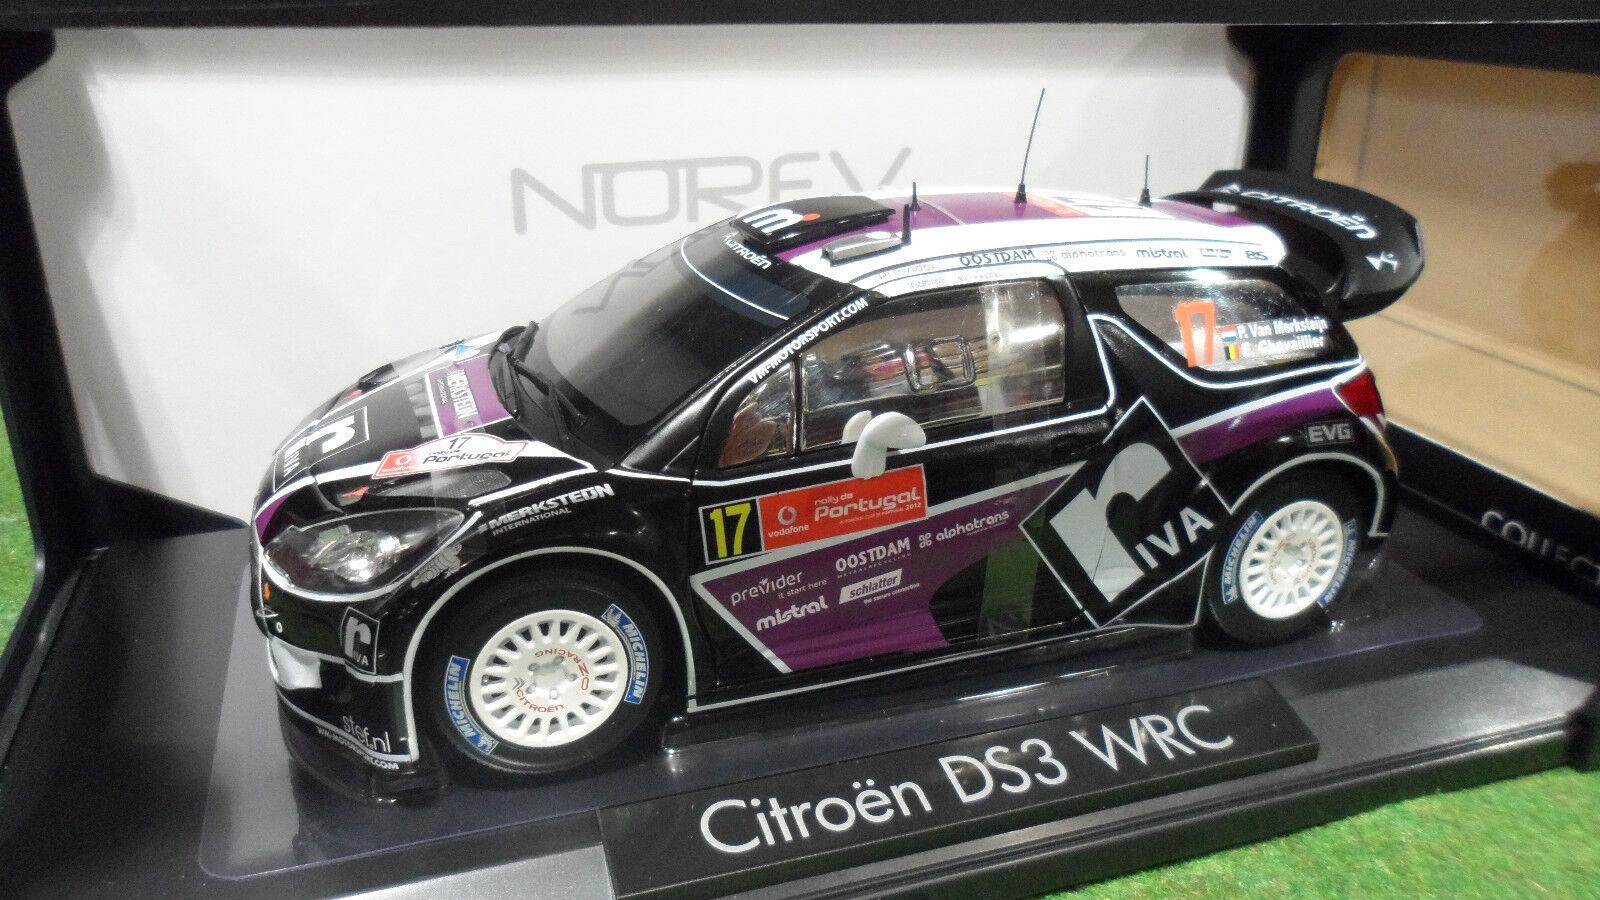 Citroen ds3 wrc rally portugal 2012 to 1  18 d norev miniature voiture 181559  en ligne pas cher